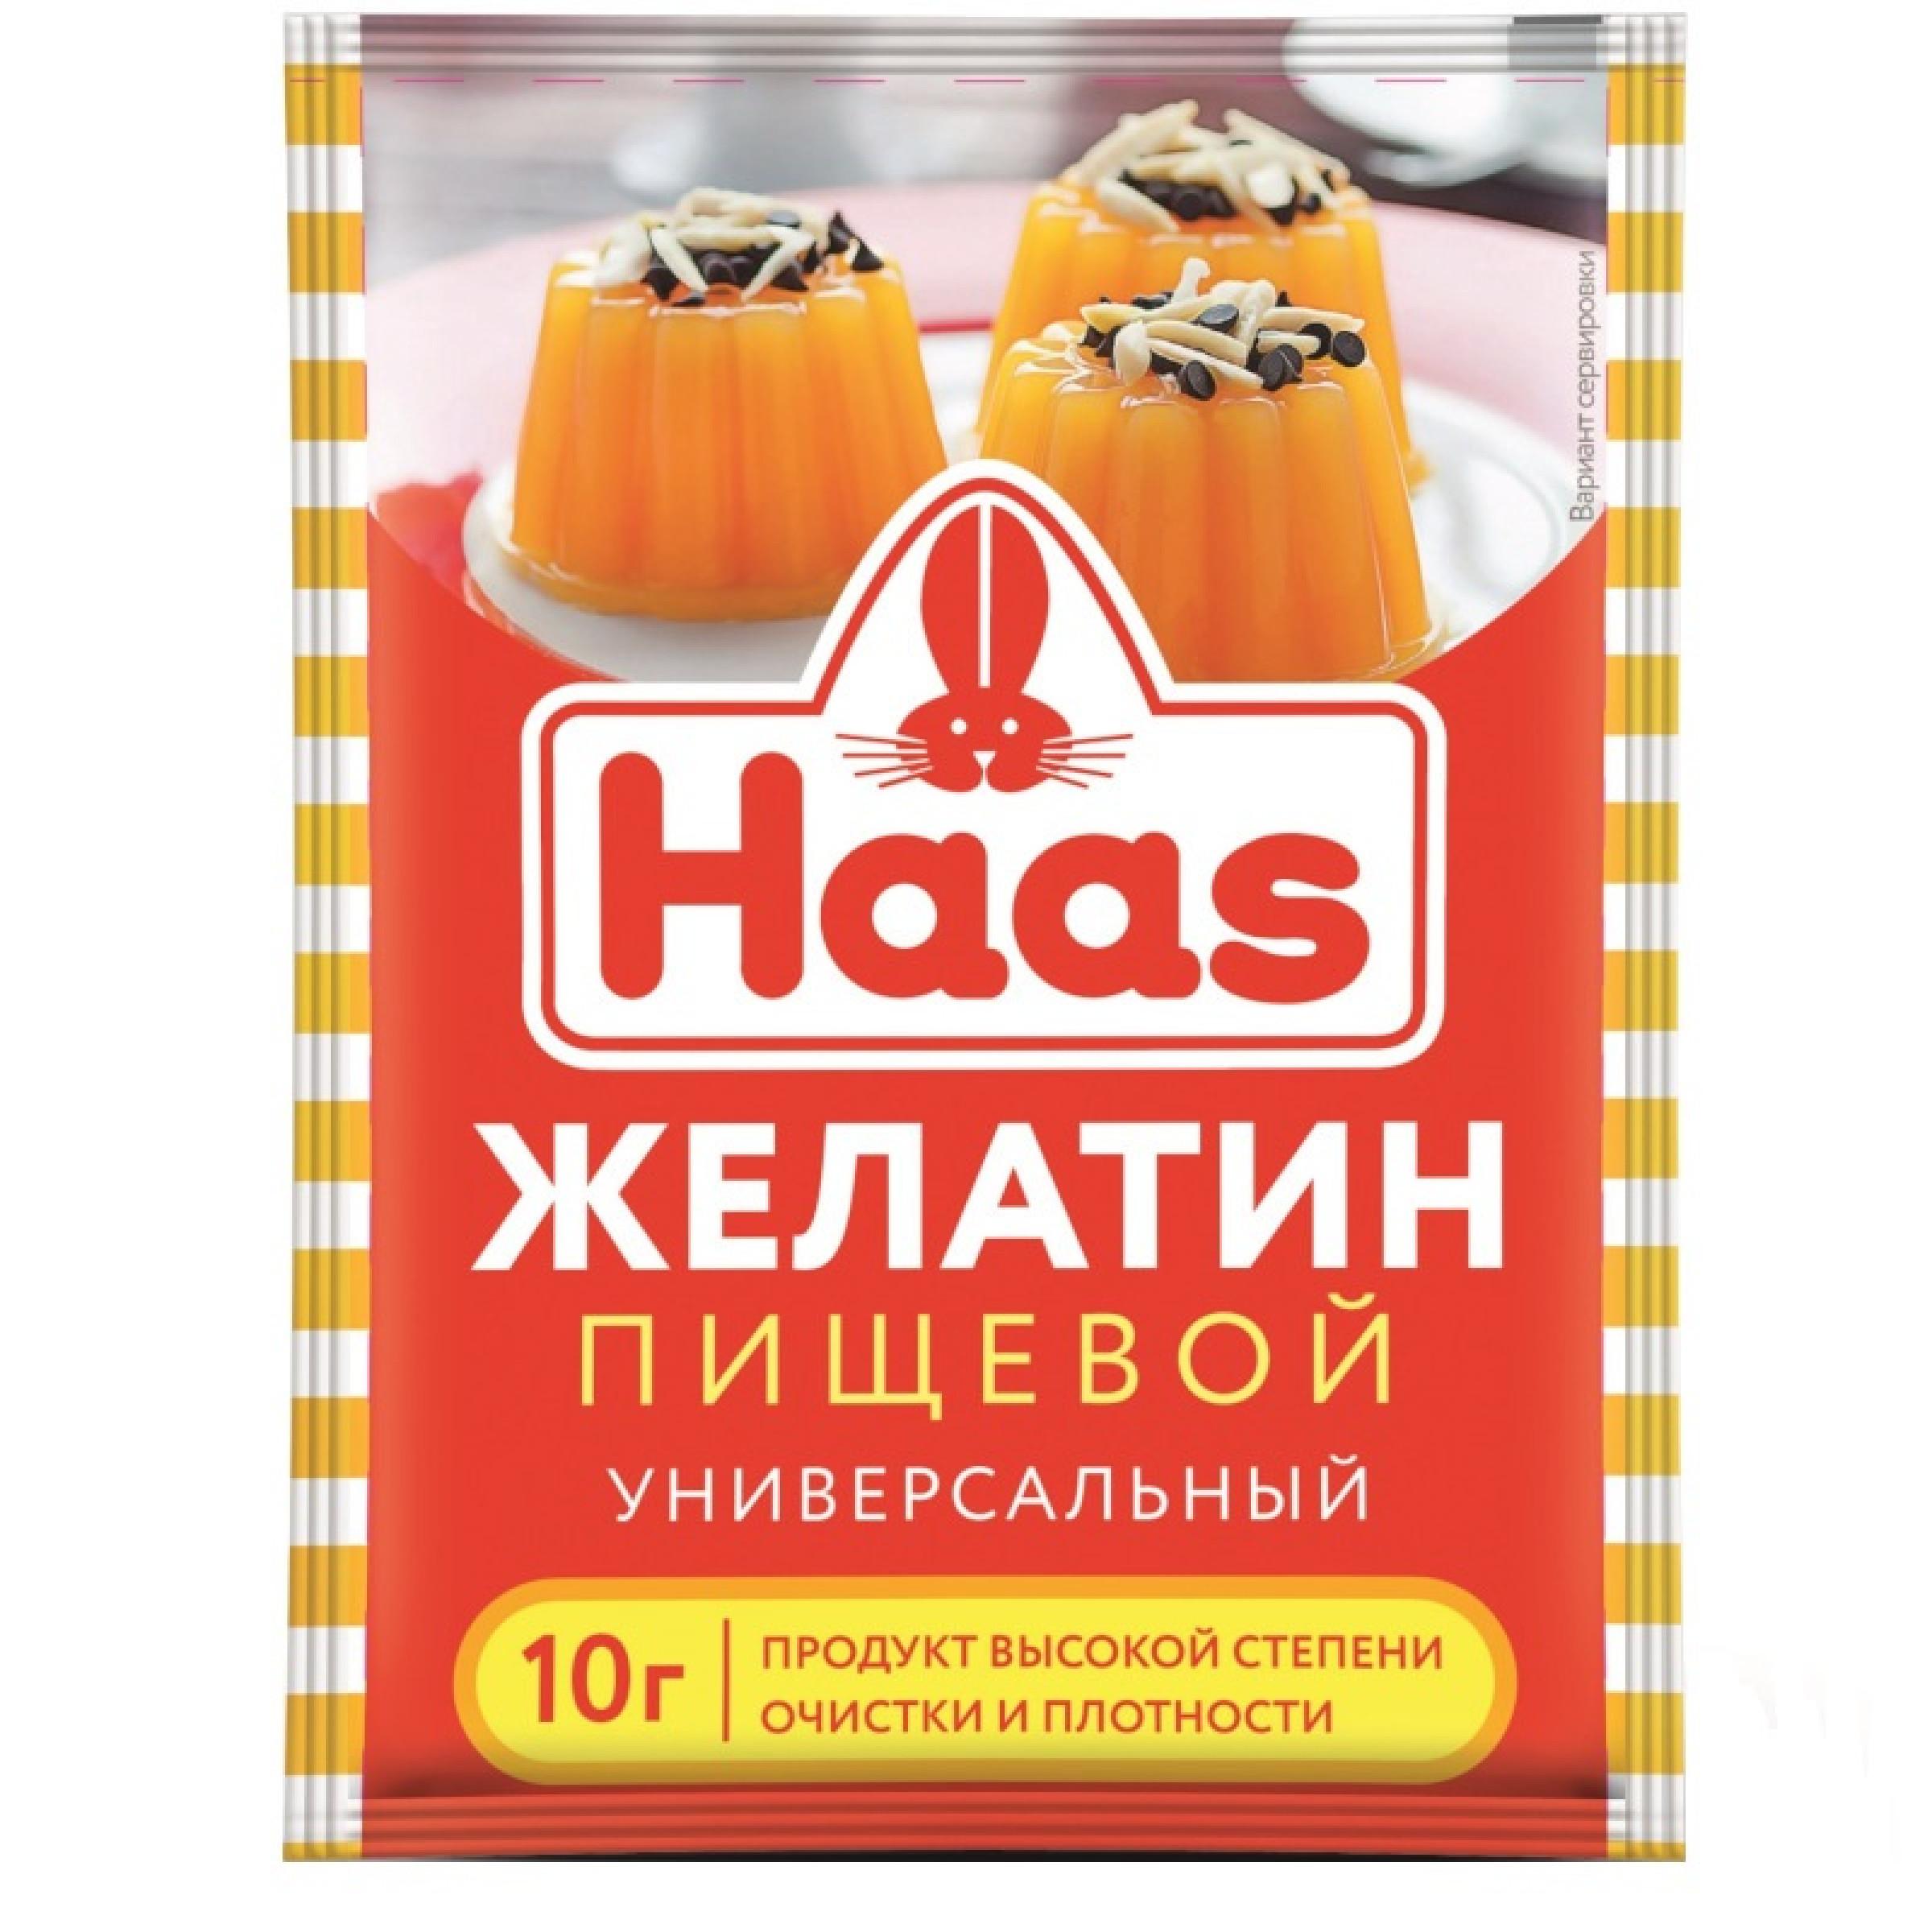 Желатин пищевой Haas, 10гр